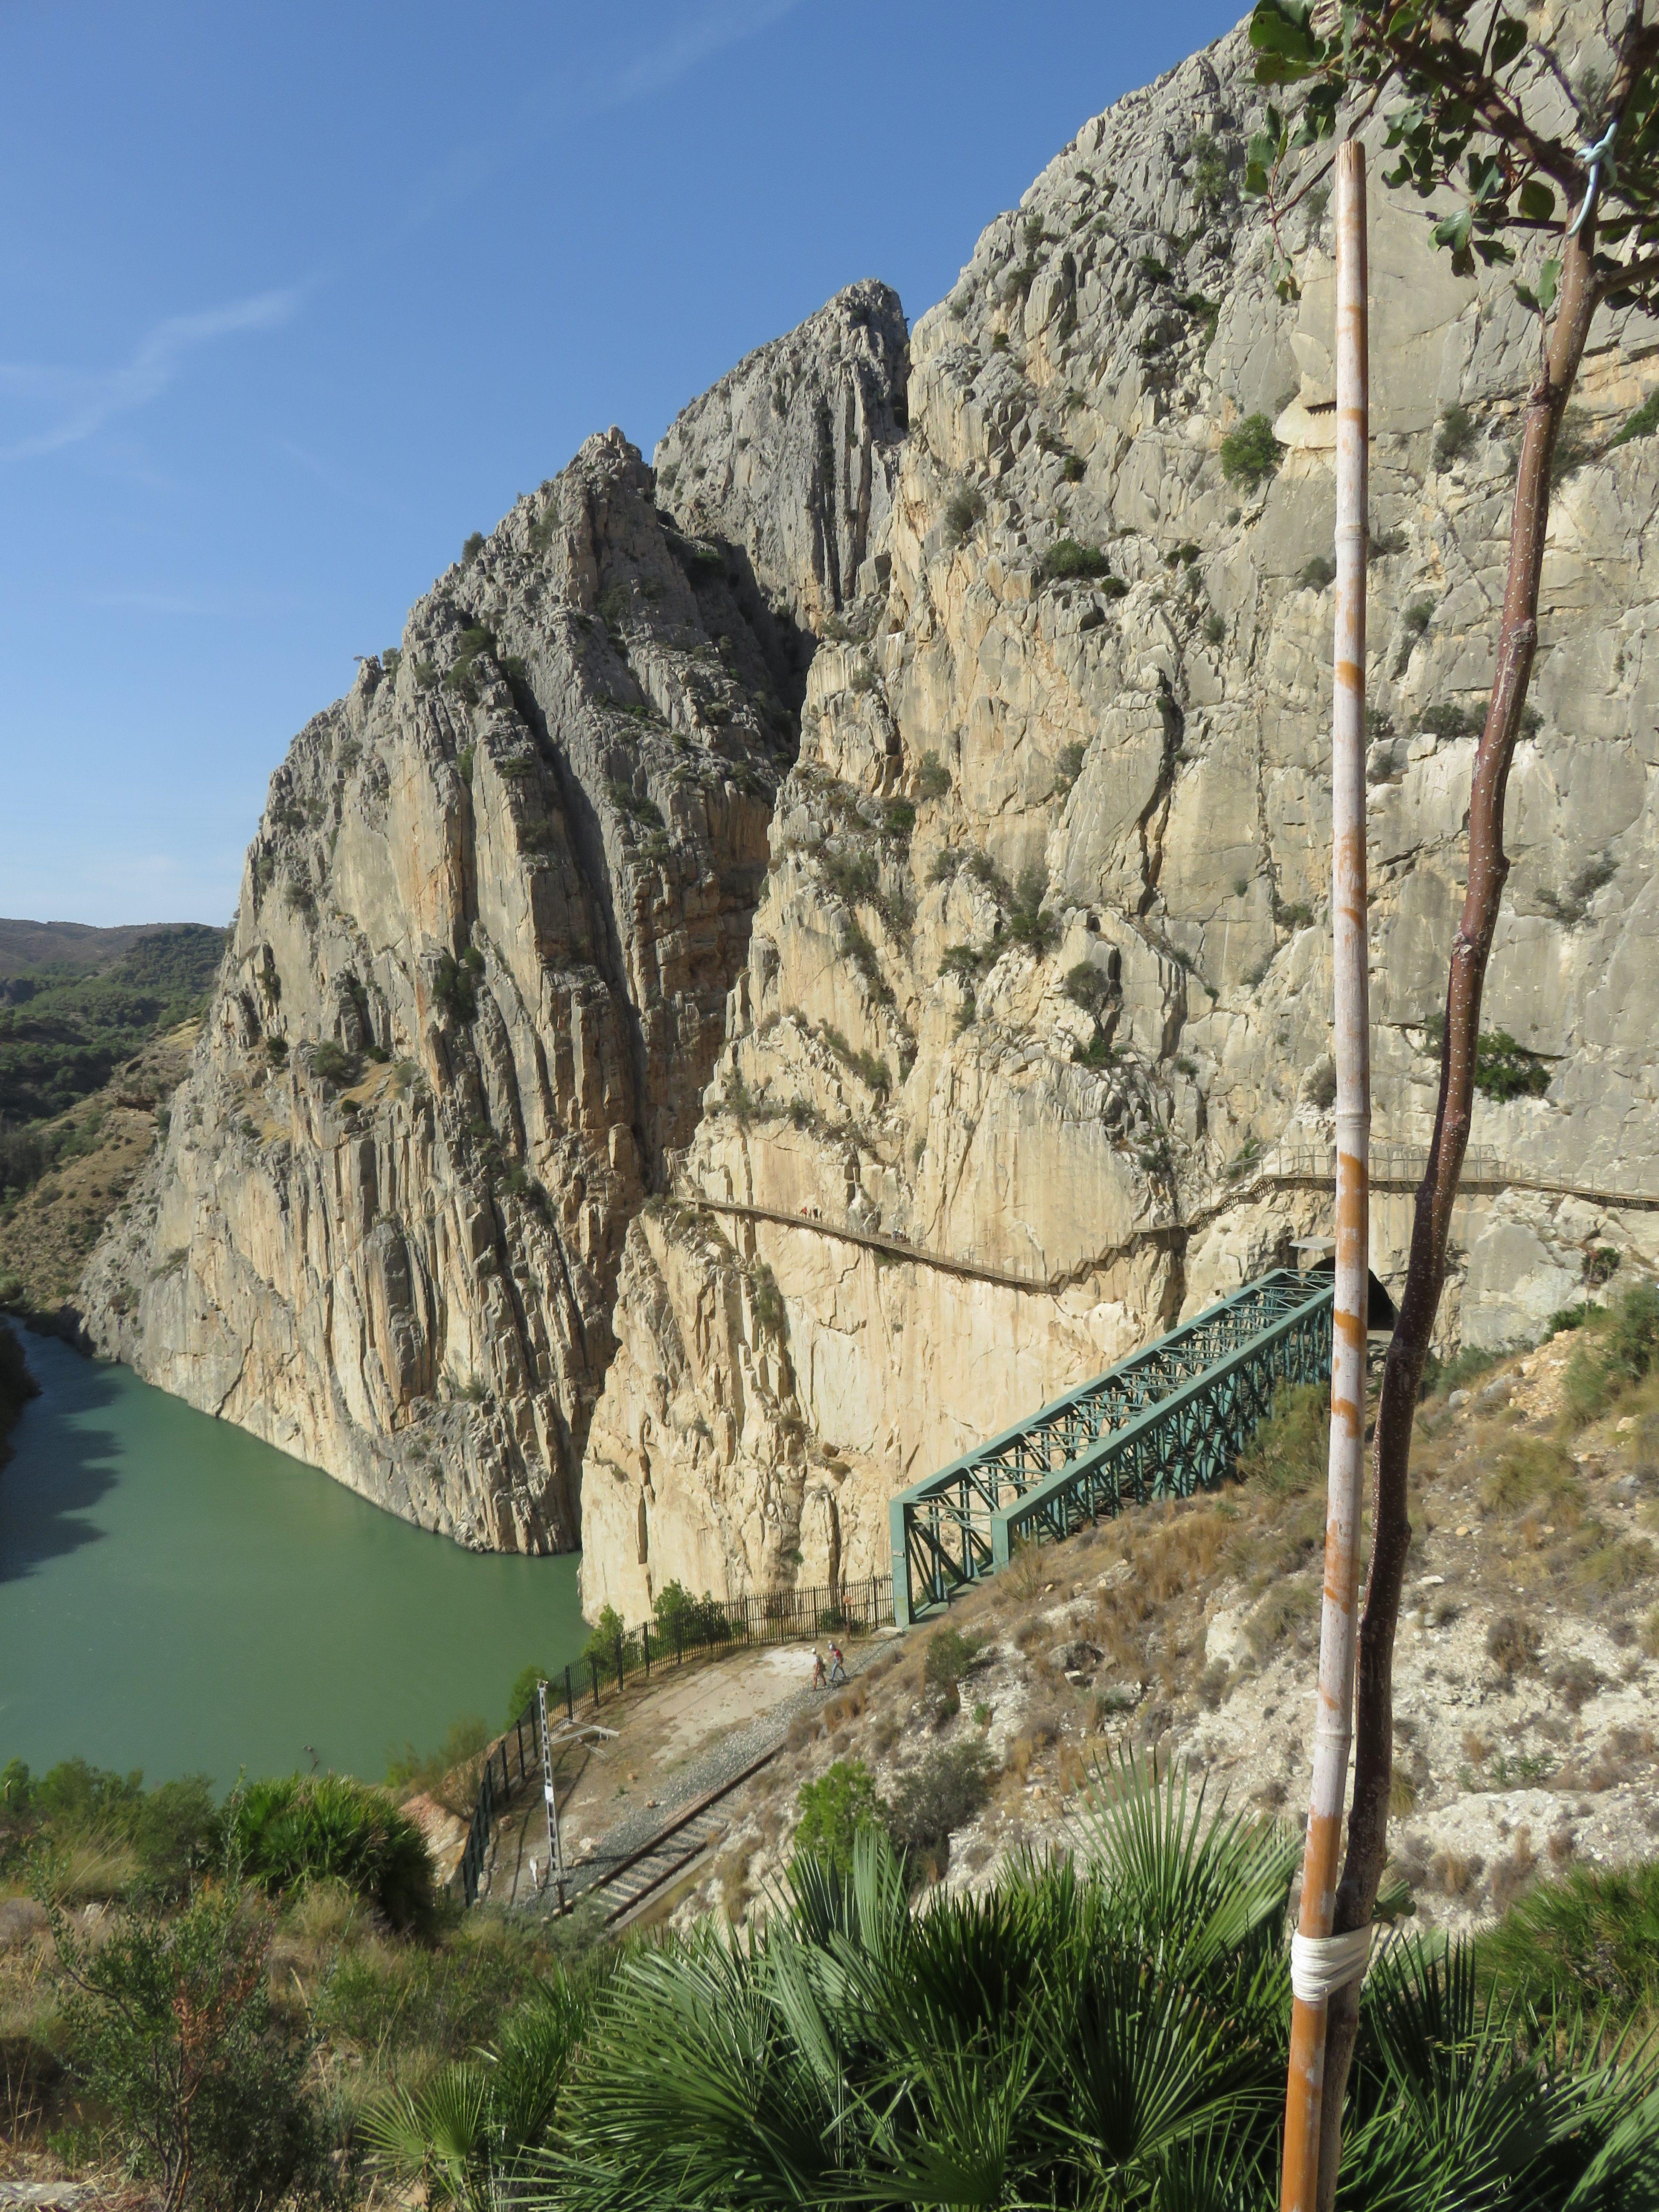 Una vista del camino que hemos recorrido. Lo podemos ver pegado a la pared de piedtra.